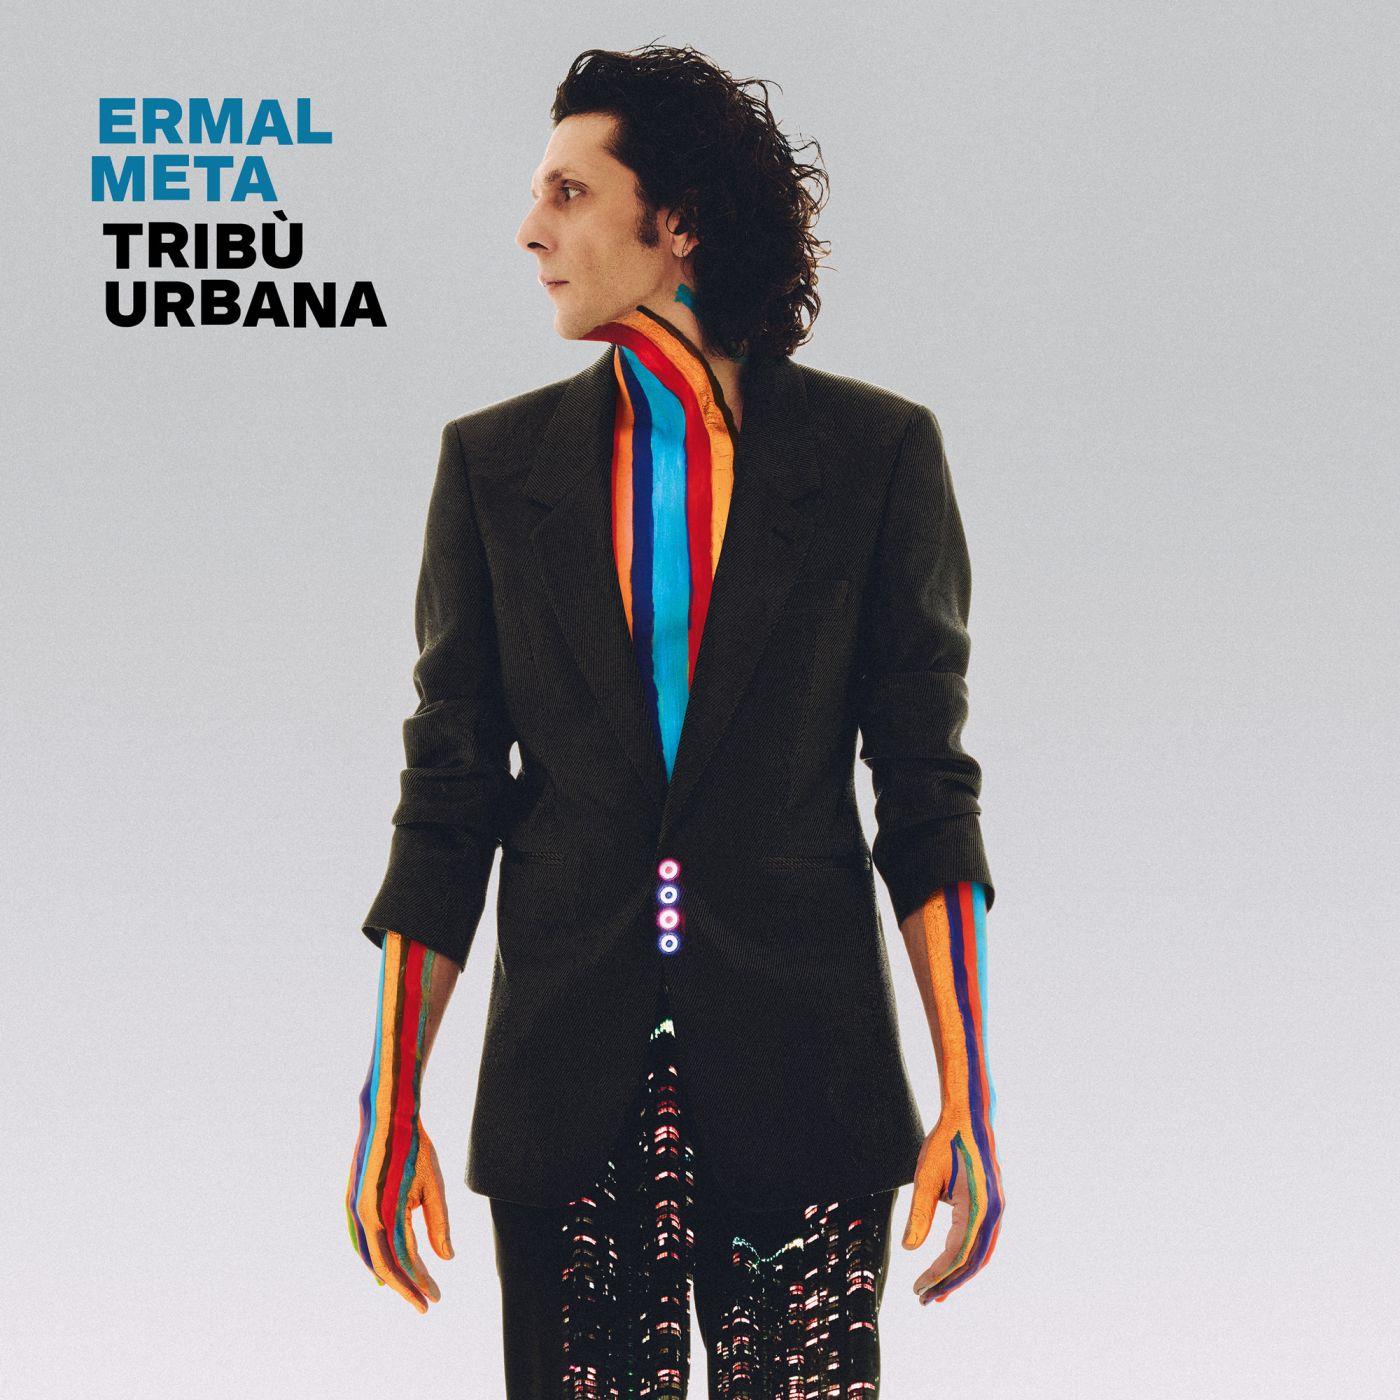 Ermal Meta, il 12 marzo il nuovo album Tribù Urbana col brano di Sanremo e No Satisfaction